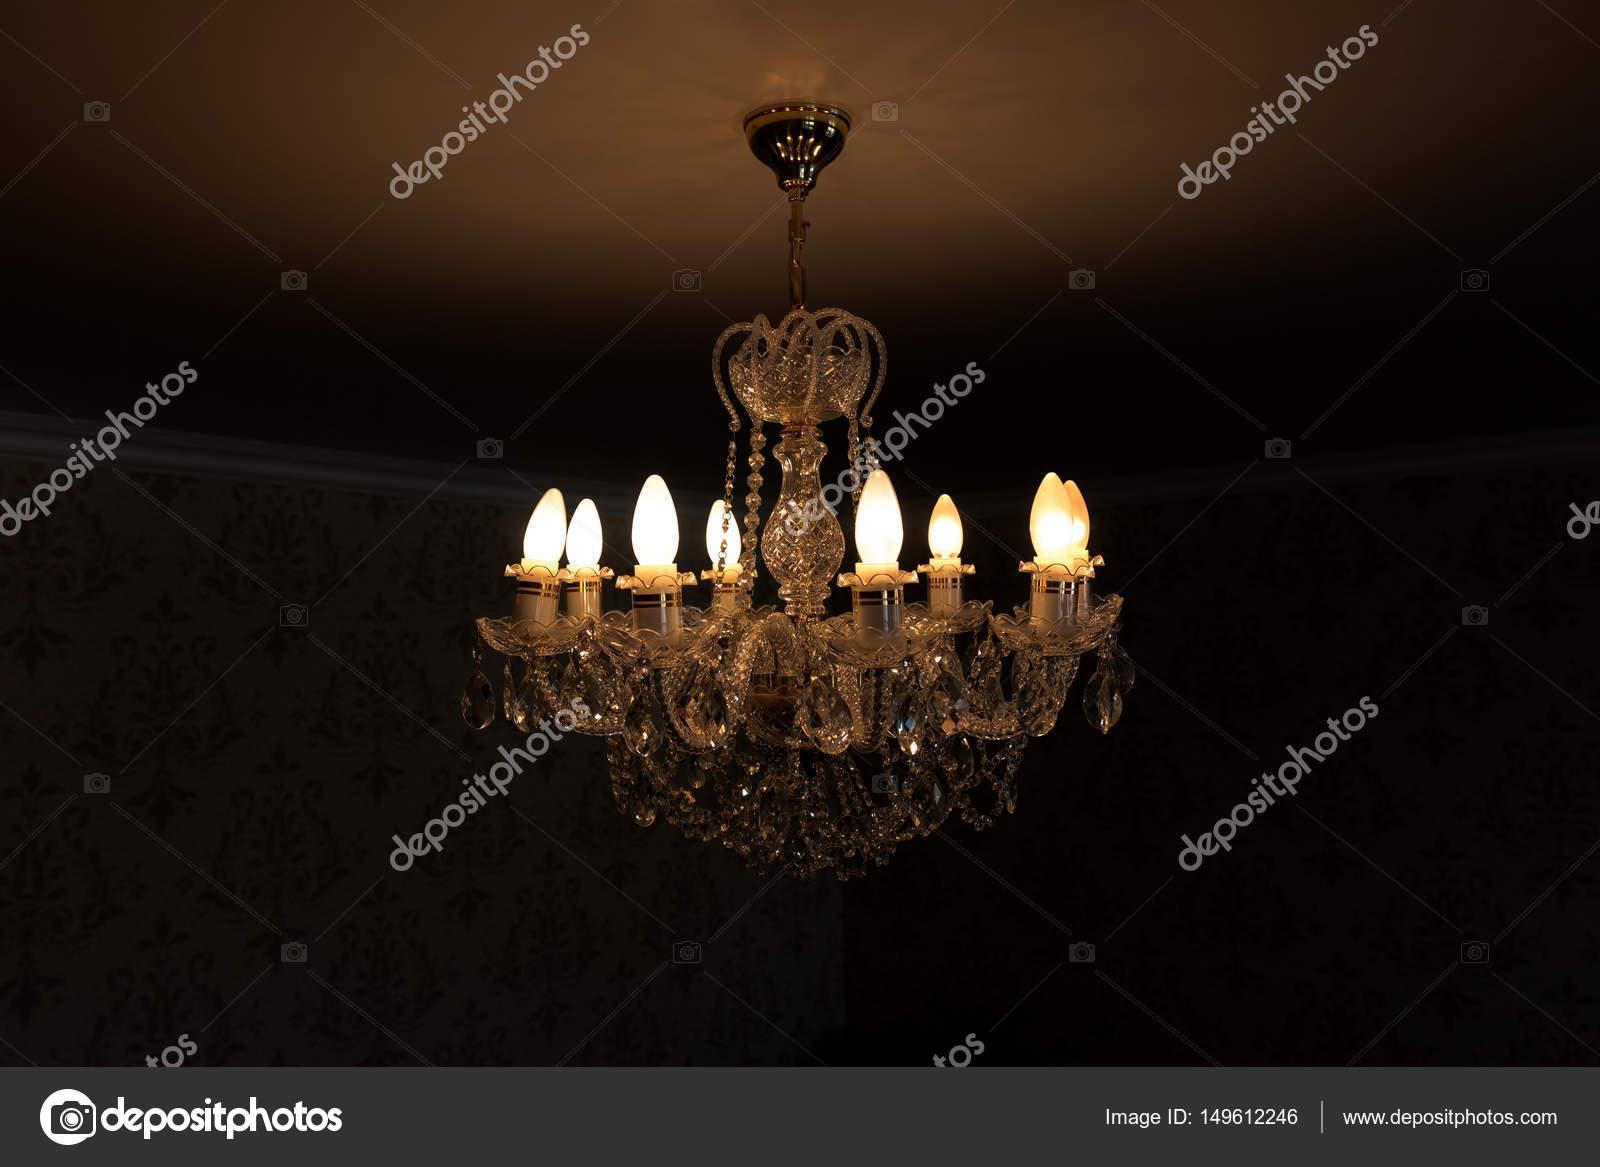 Kronleuchter Glühbirne ~ Eine brennende glühbirne auf eine kristall kronleuchter auf einem